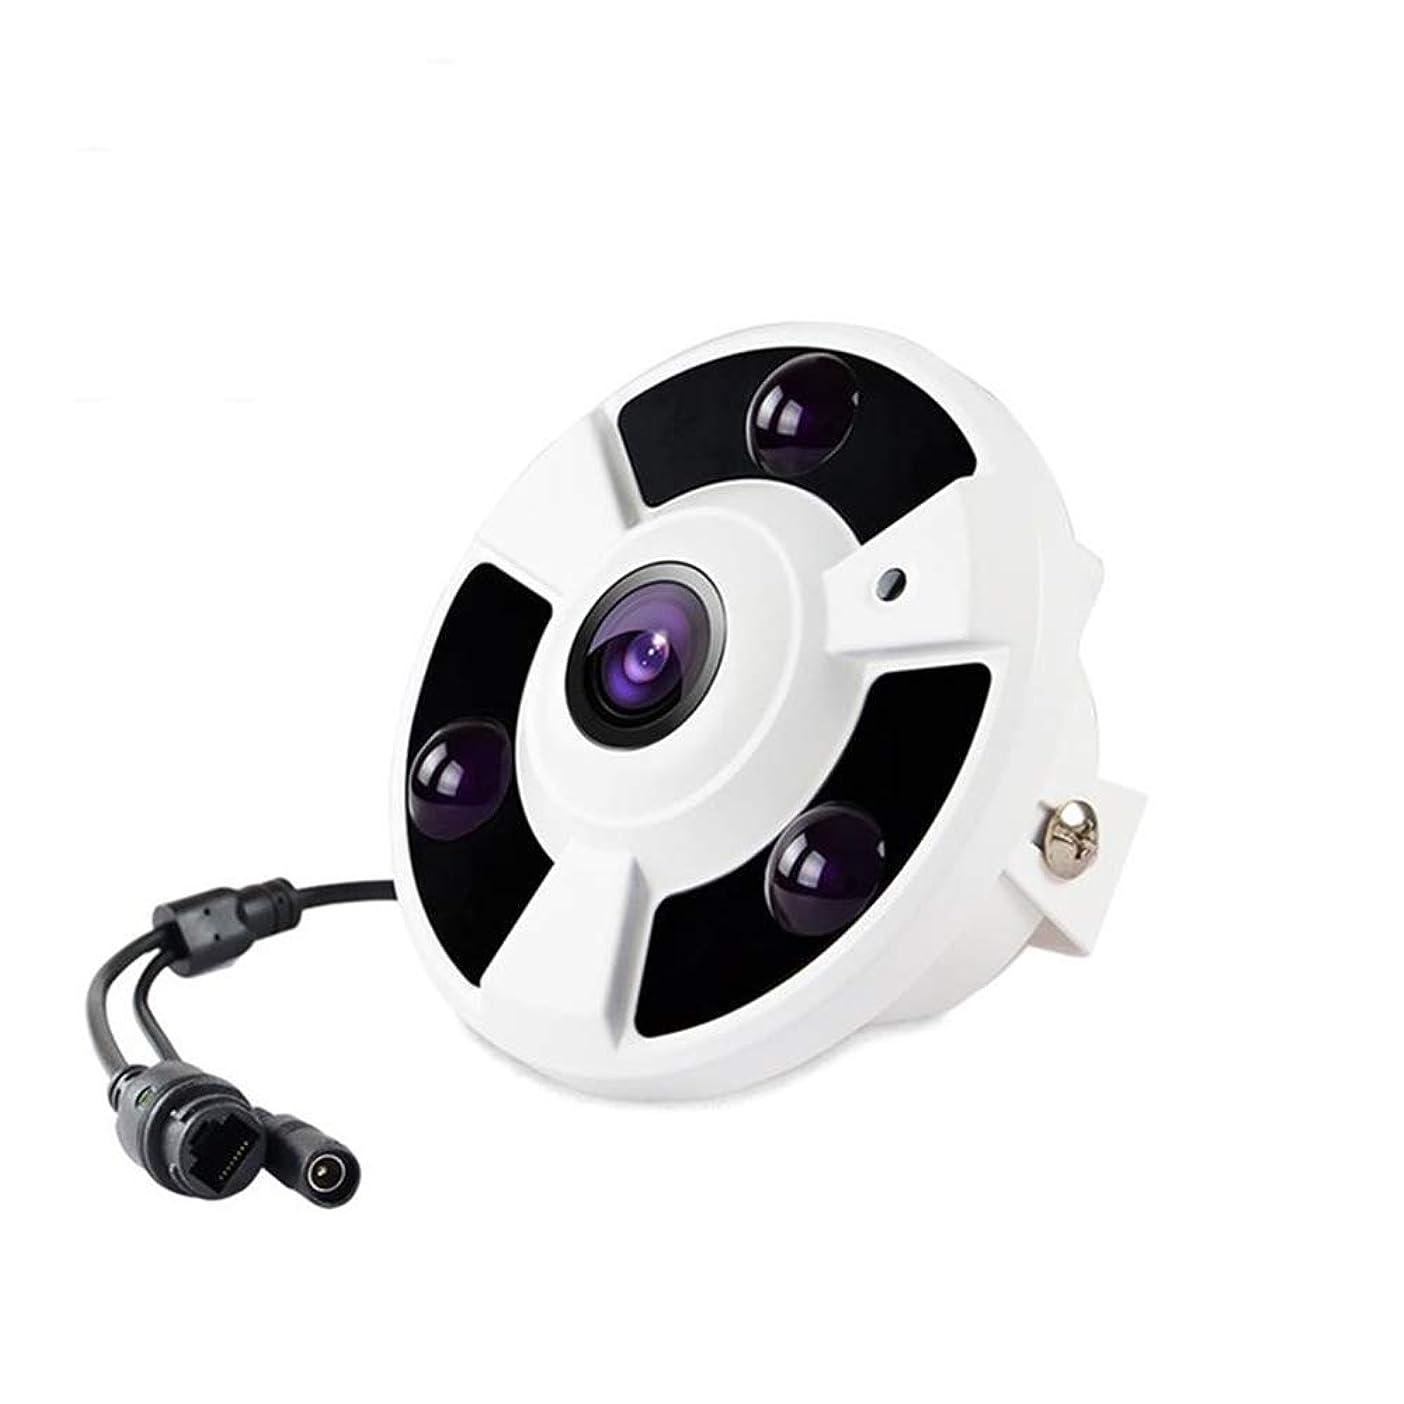 行政無駄だ徒歩でHD 1920 x 1080P 2.0 MP パノラマ魚眼6アレイ LED IR IP カメラナイトビジョンセキュリティ P2P IP CCTV カムシステム IR カット